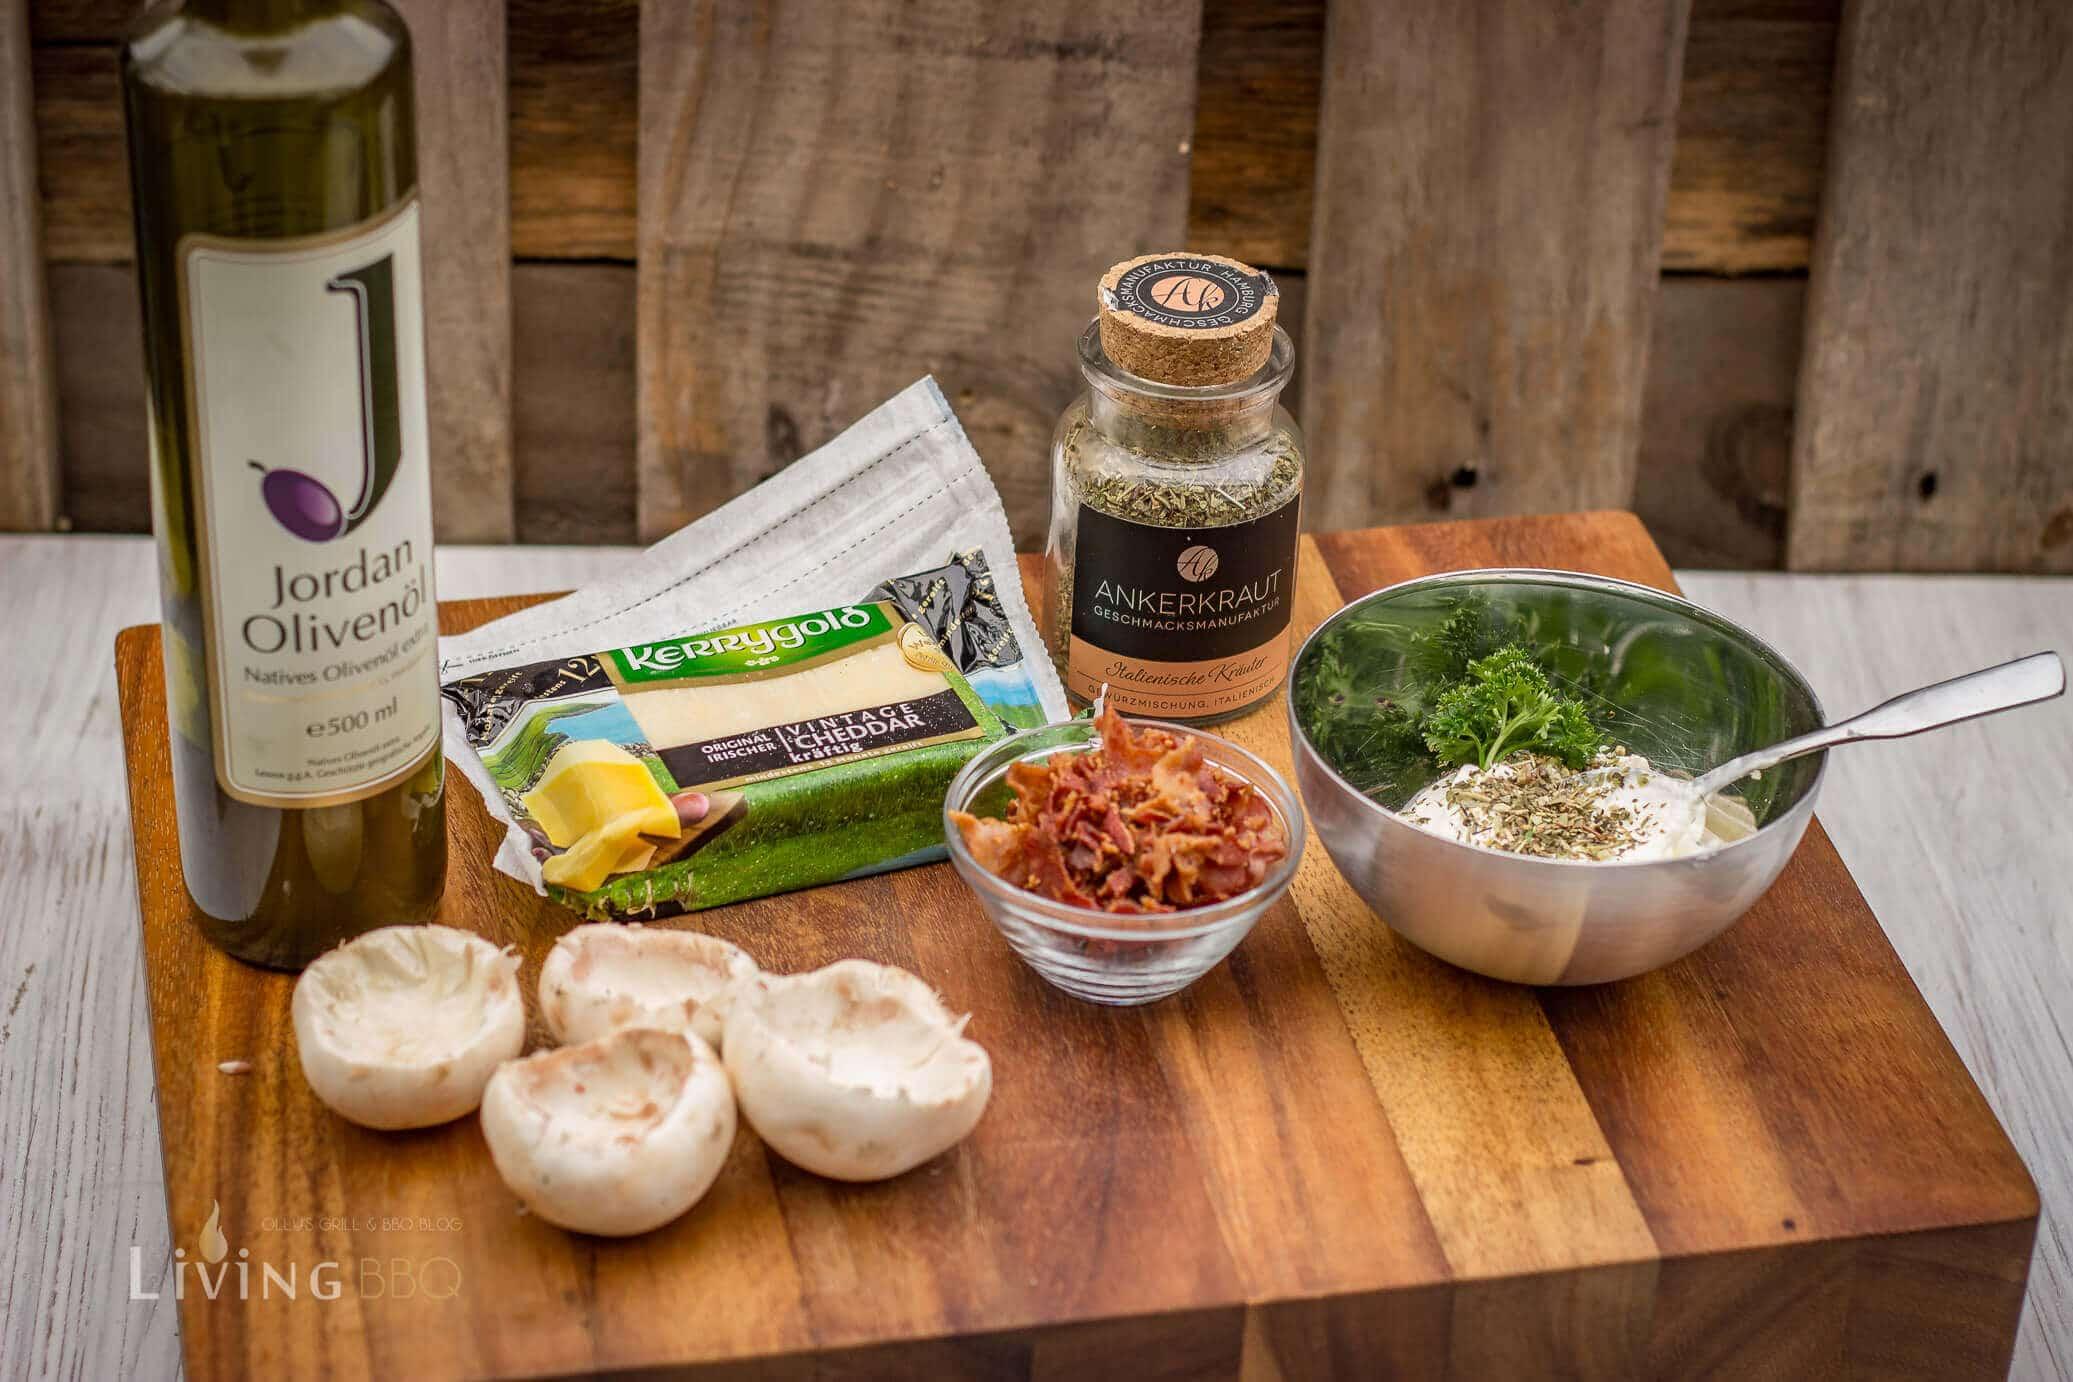 gefüllte Champignons vom Grill gefüllte champignons_Gefu  llte Champignons 3 von 9